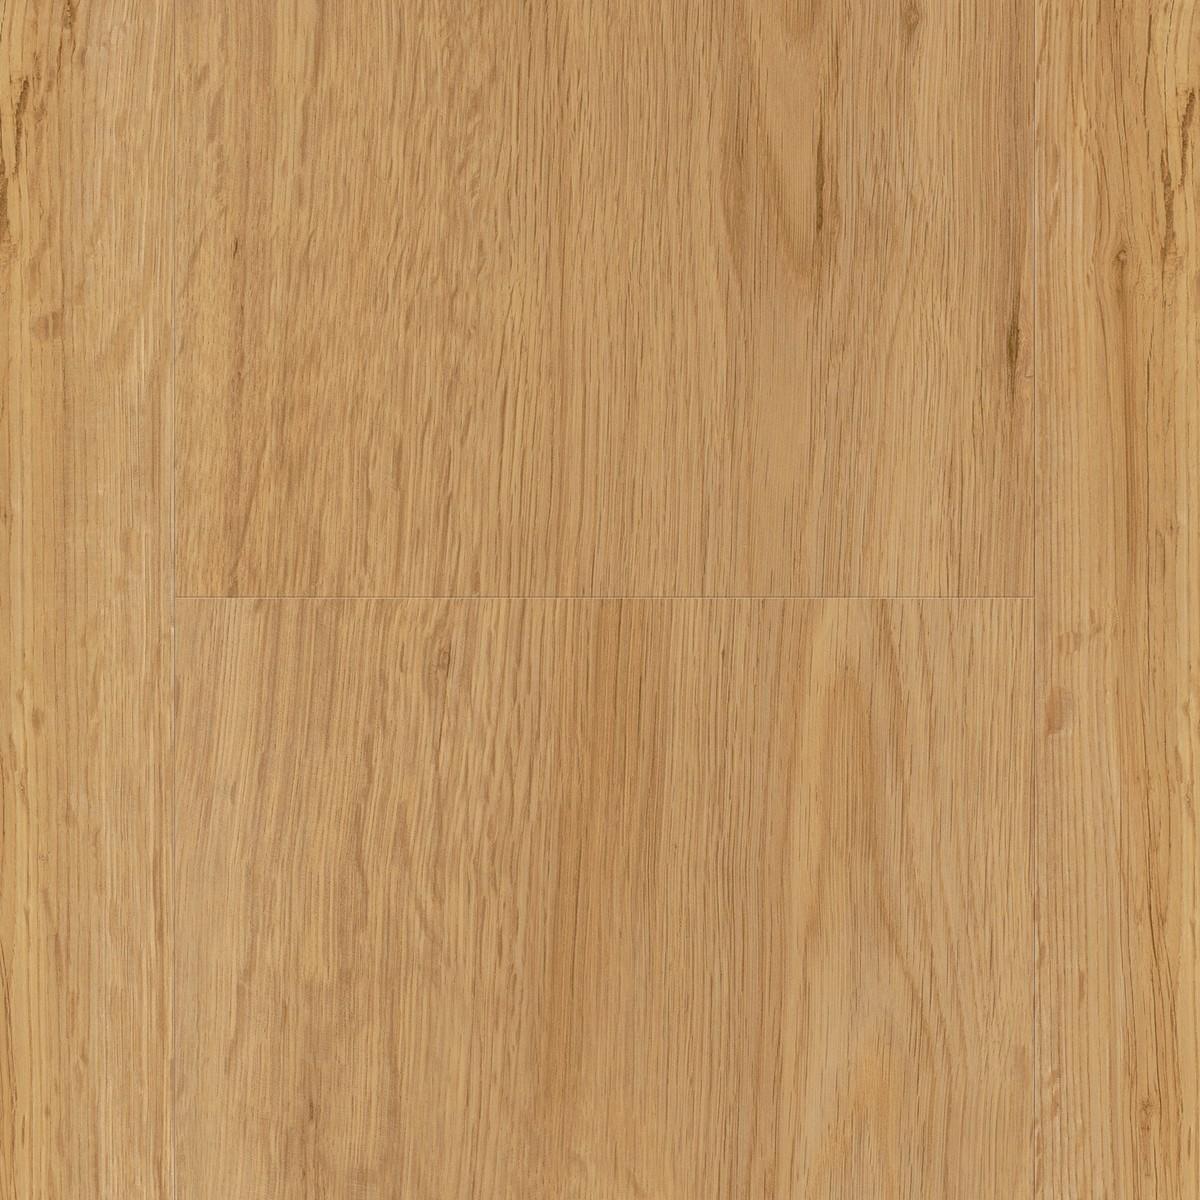 Fantastisch PARADOR Vinyl Basic 30 Eiche natur Holzstruktur Landhausdiele mit  TI72